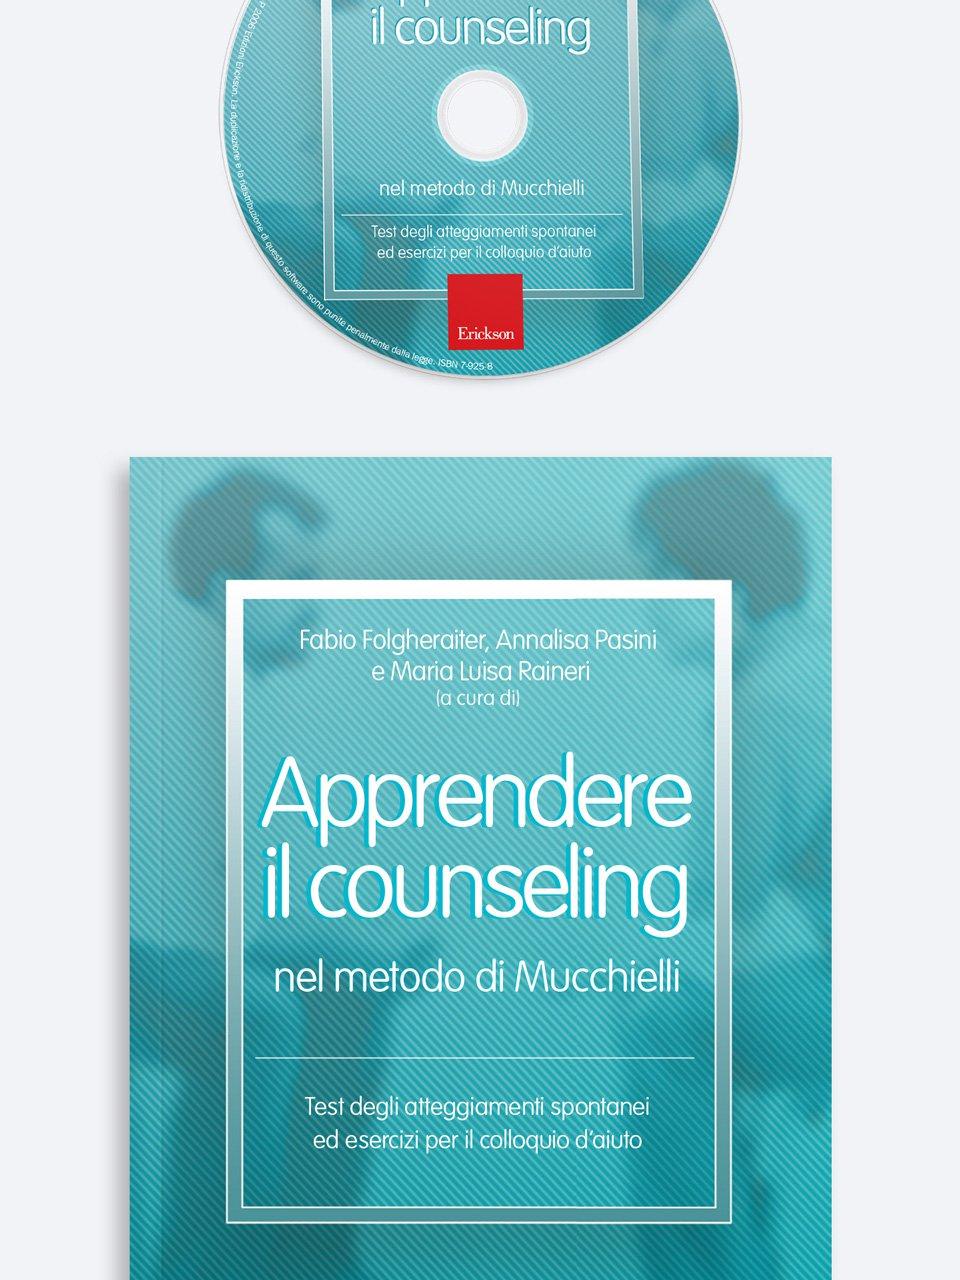 Apprendere il counseling - Attivare e facilitare i gruppi di auto/mutuo aiuto - Libri - Erickson 2